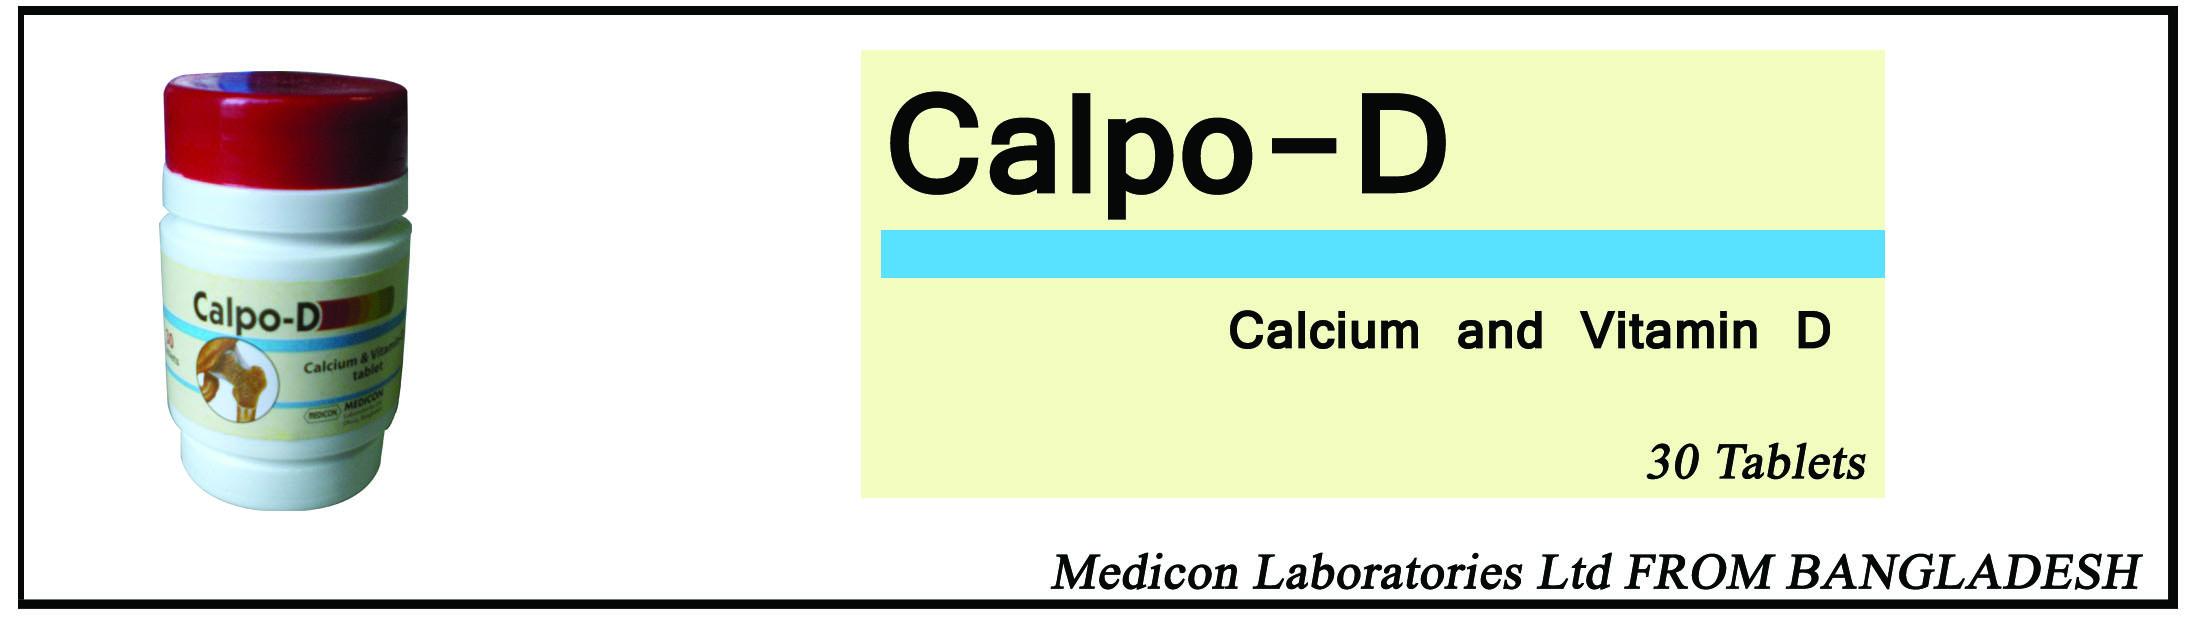 Calpo-D